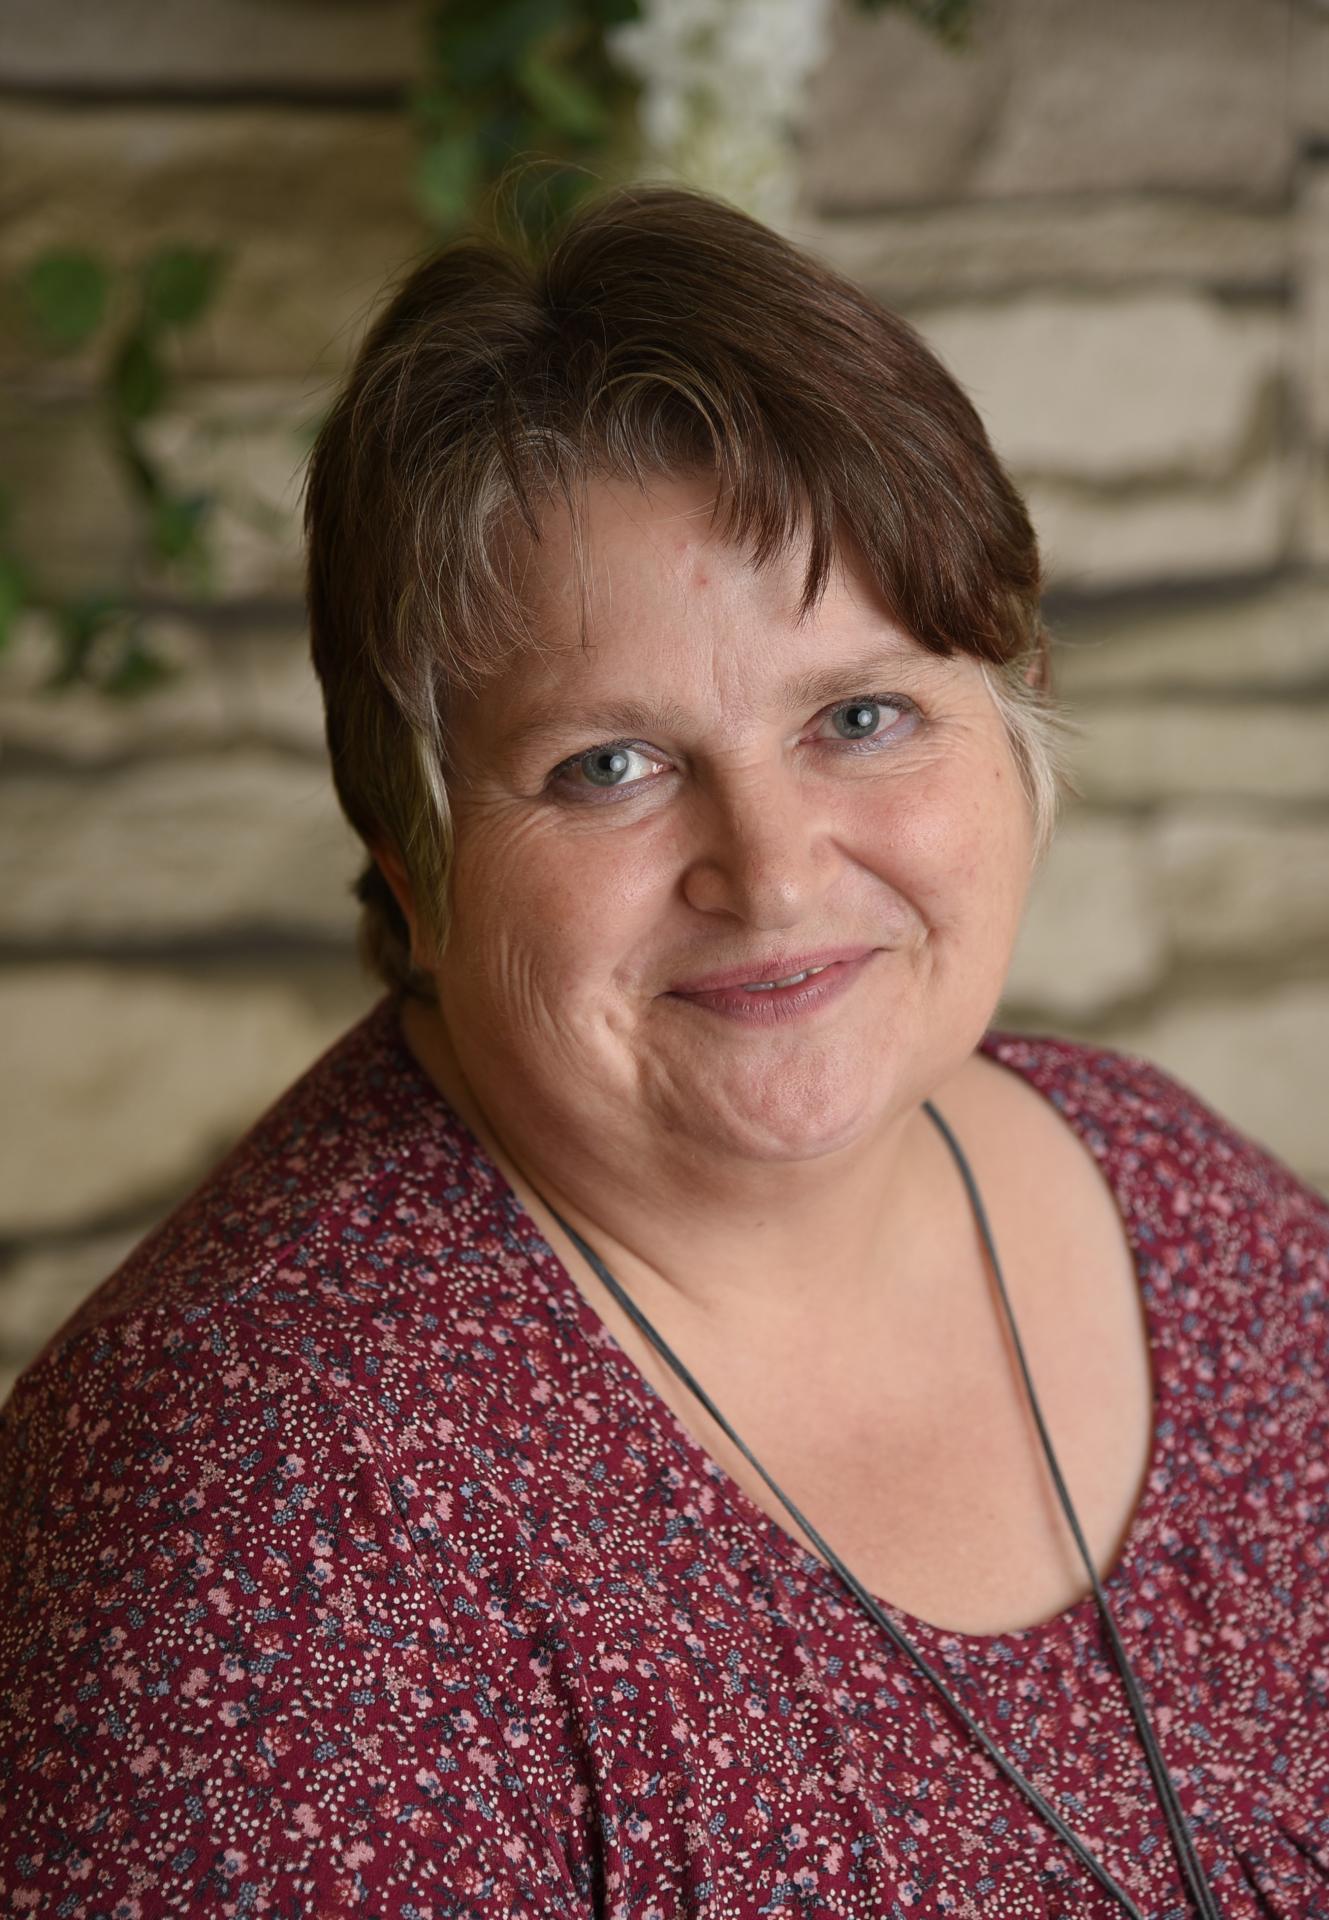 Rita Drewes